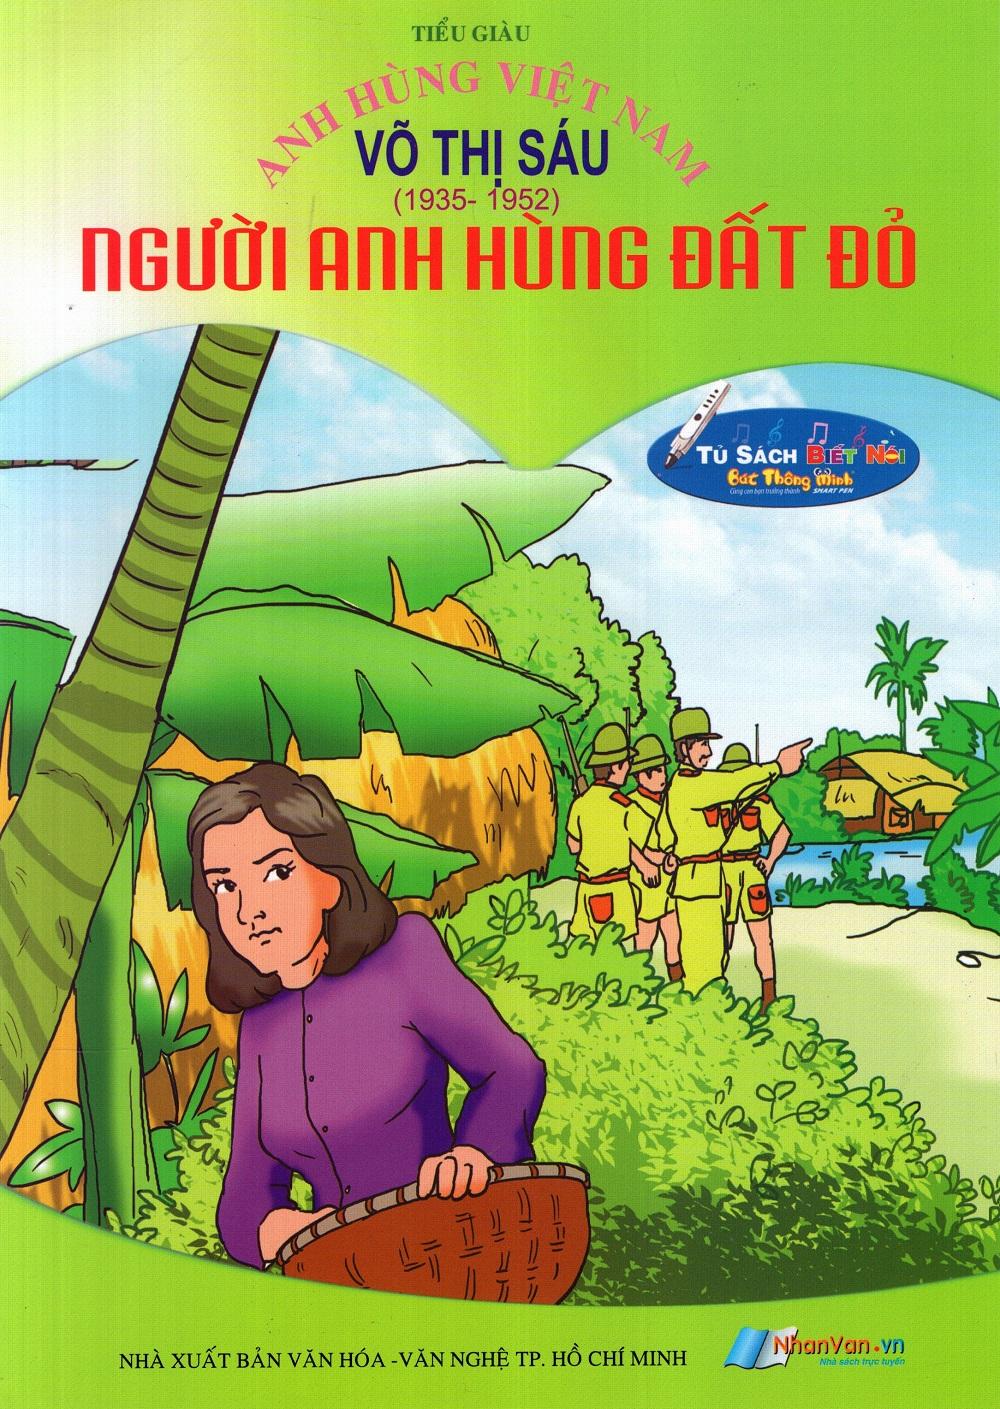 Bìa sách Anh Hùng Việt Nam: Võ Thị Sáu - Người Anh Hùng Đất Đỏ